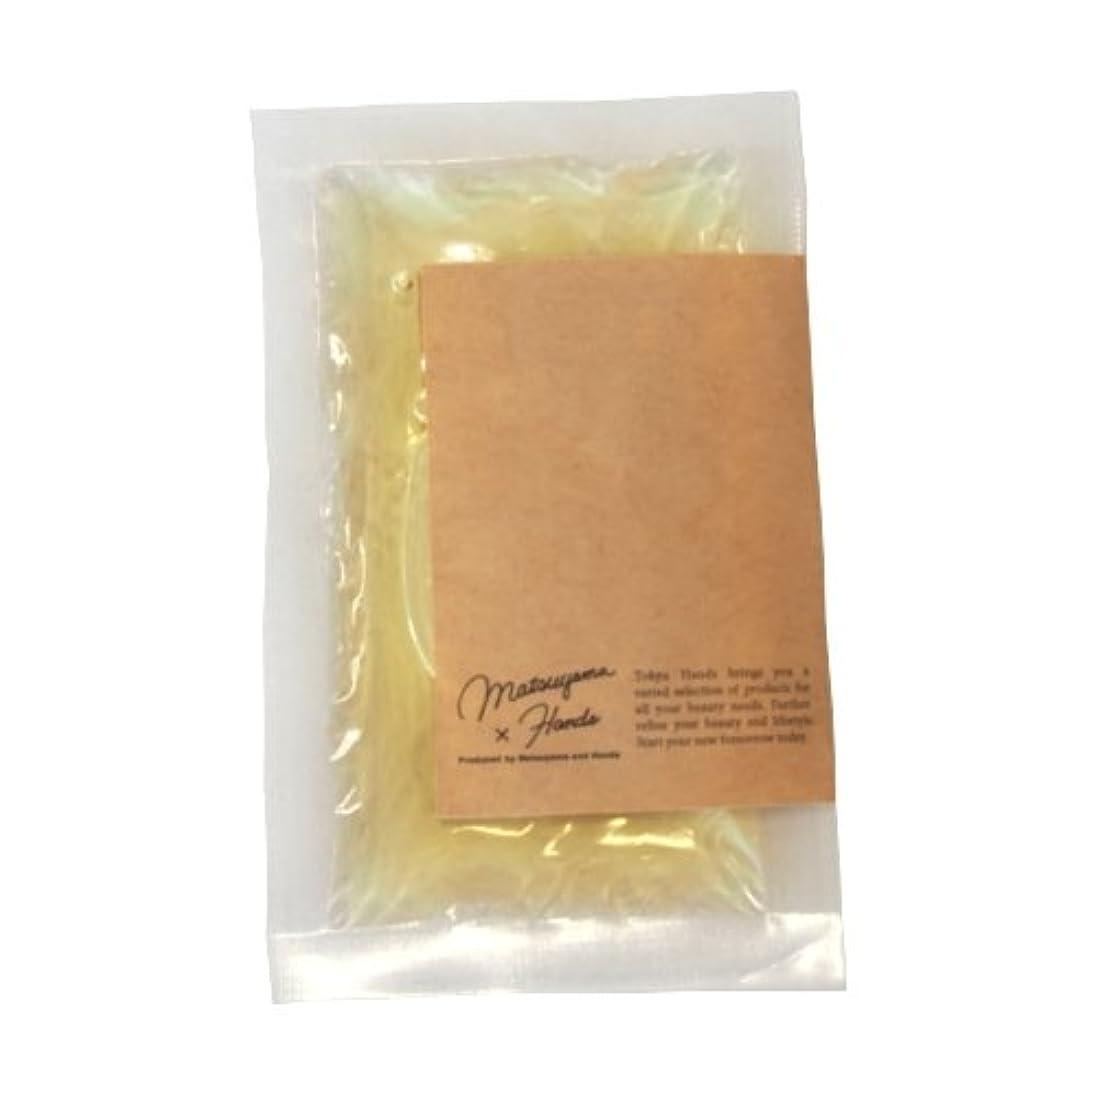 騒々しい秘密の黒松山油脂×東急ハンズ モイスチャーバスエッセンス カモミール 20mL